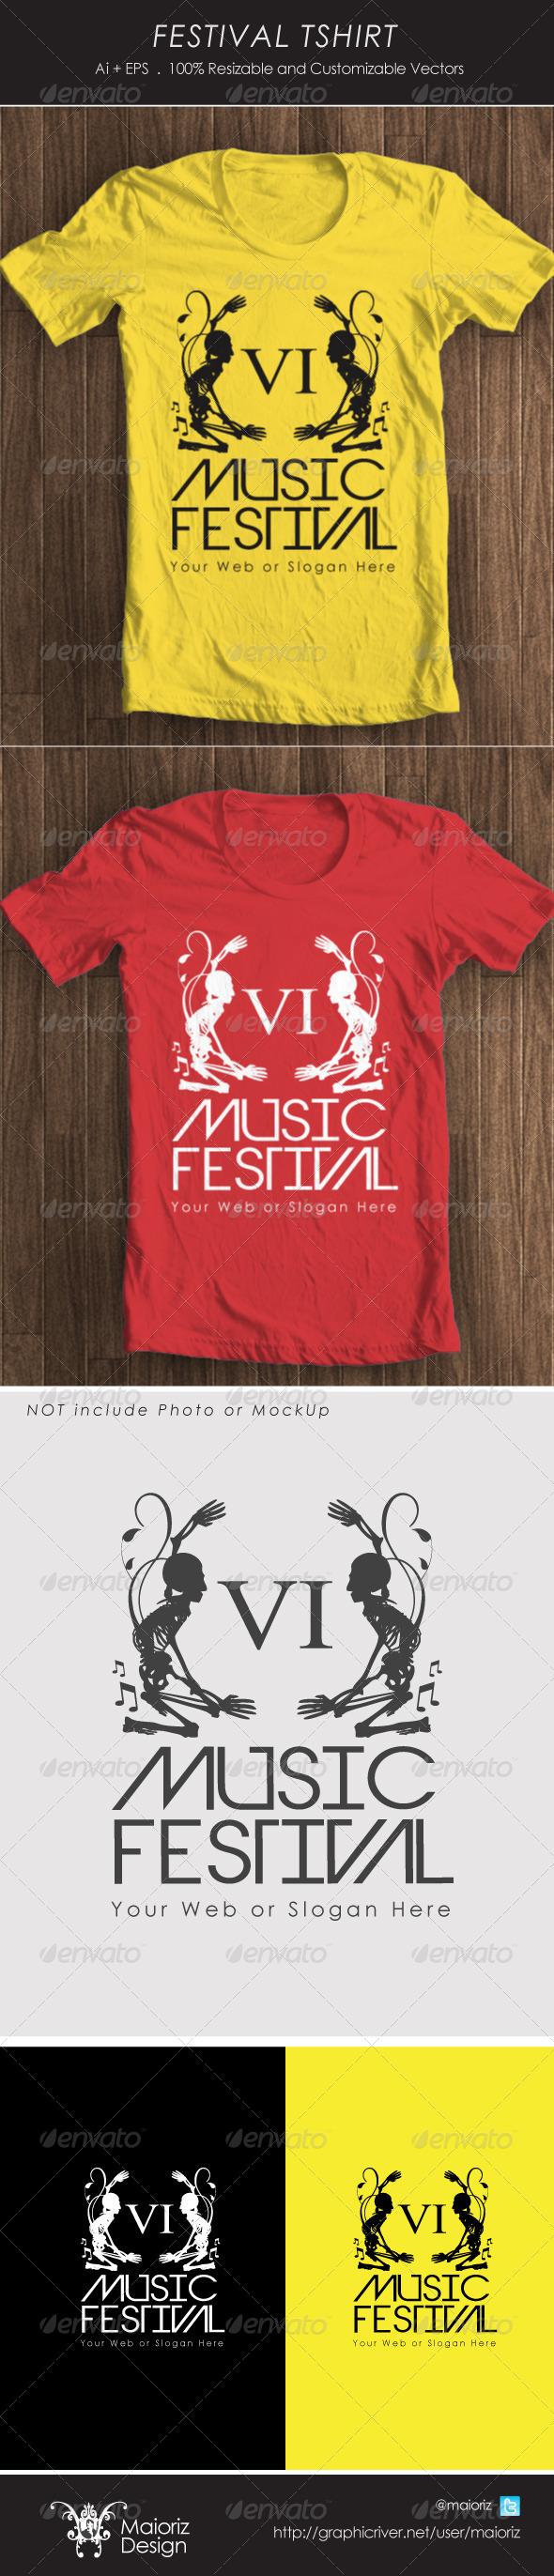 Festival Tshirt - T-Shirts